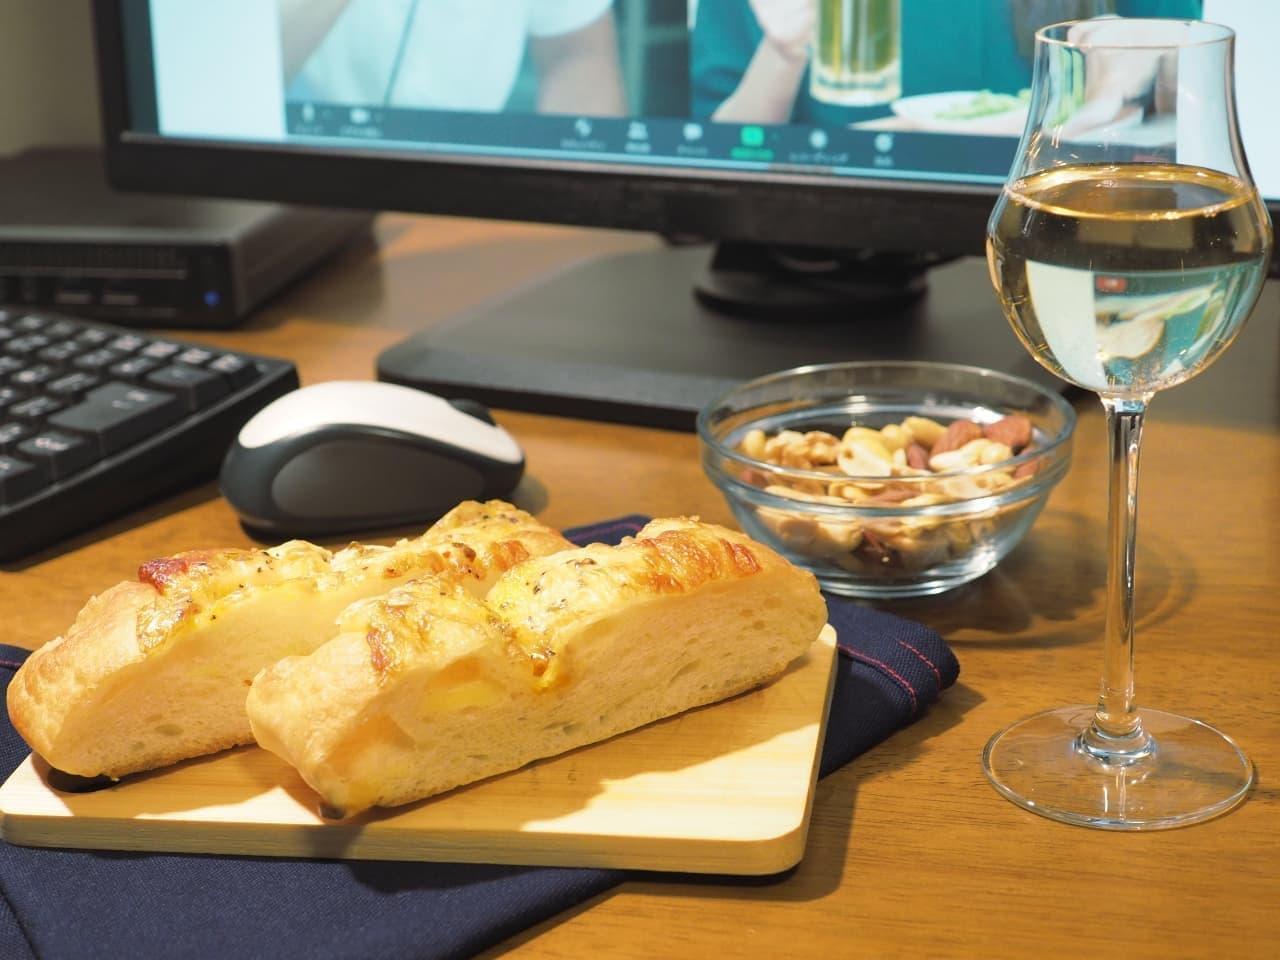 「チーズ×チーズ フォカッチャ」をつまみながらオンライン飲み会をする様子